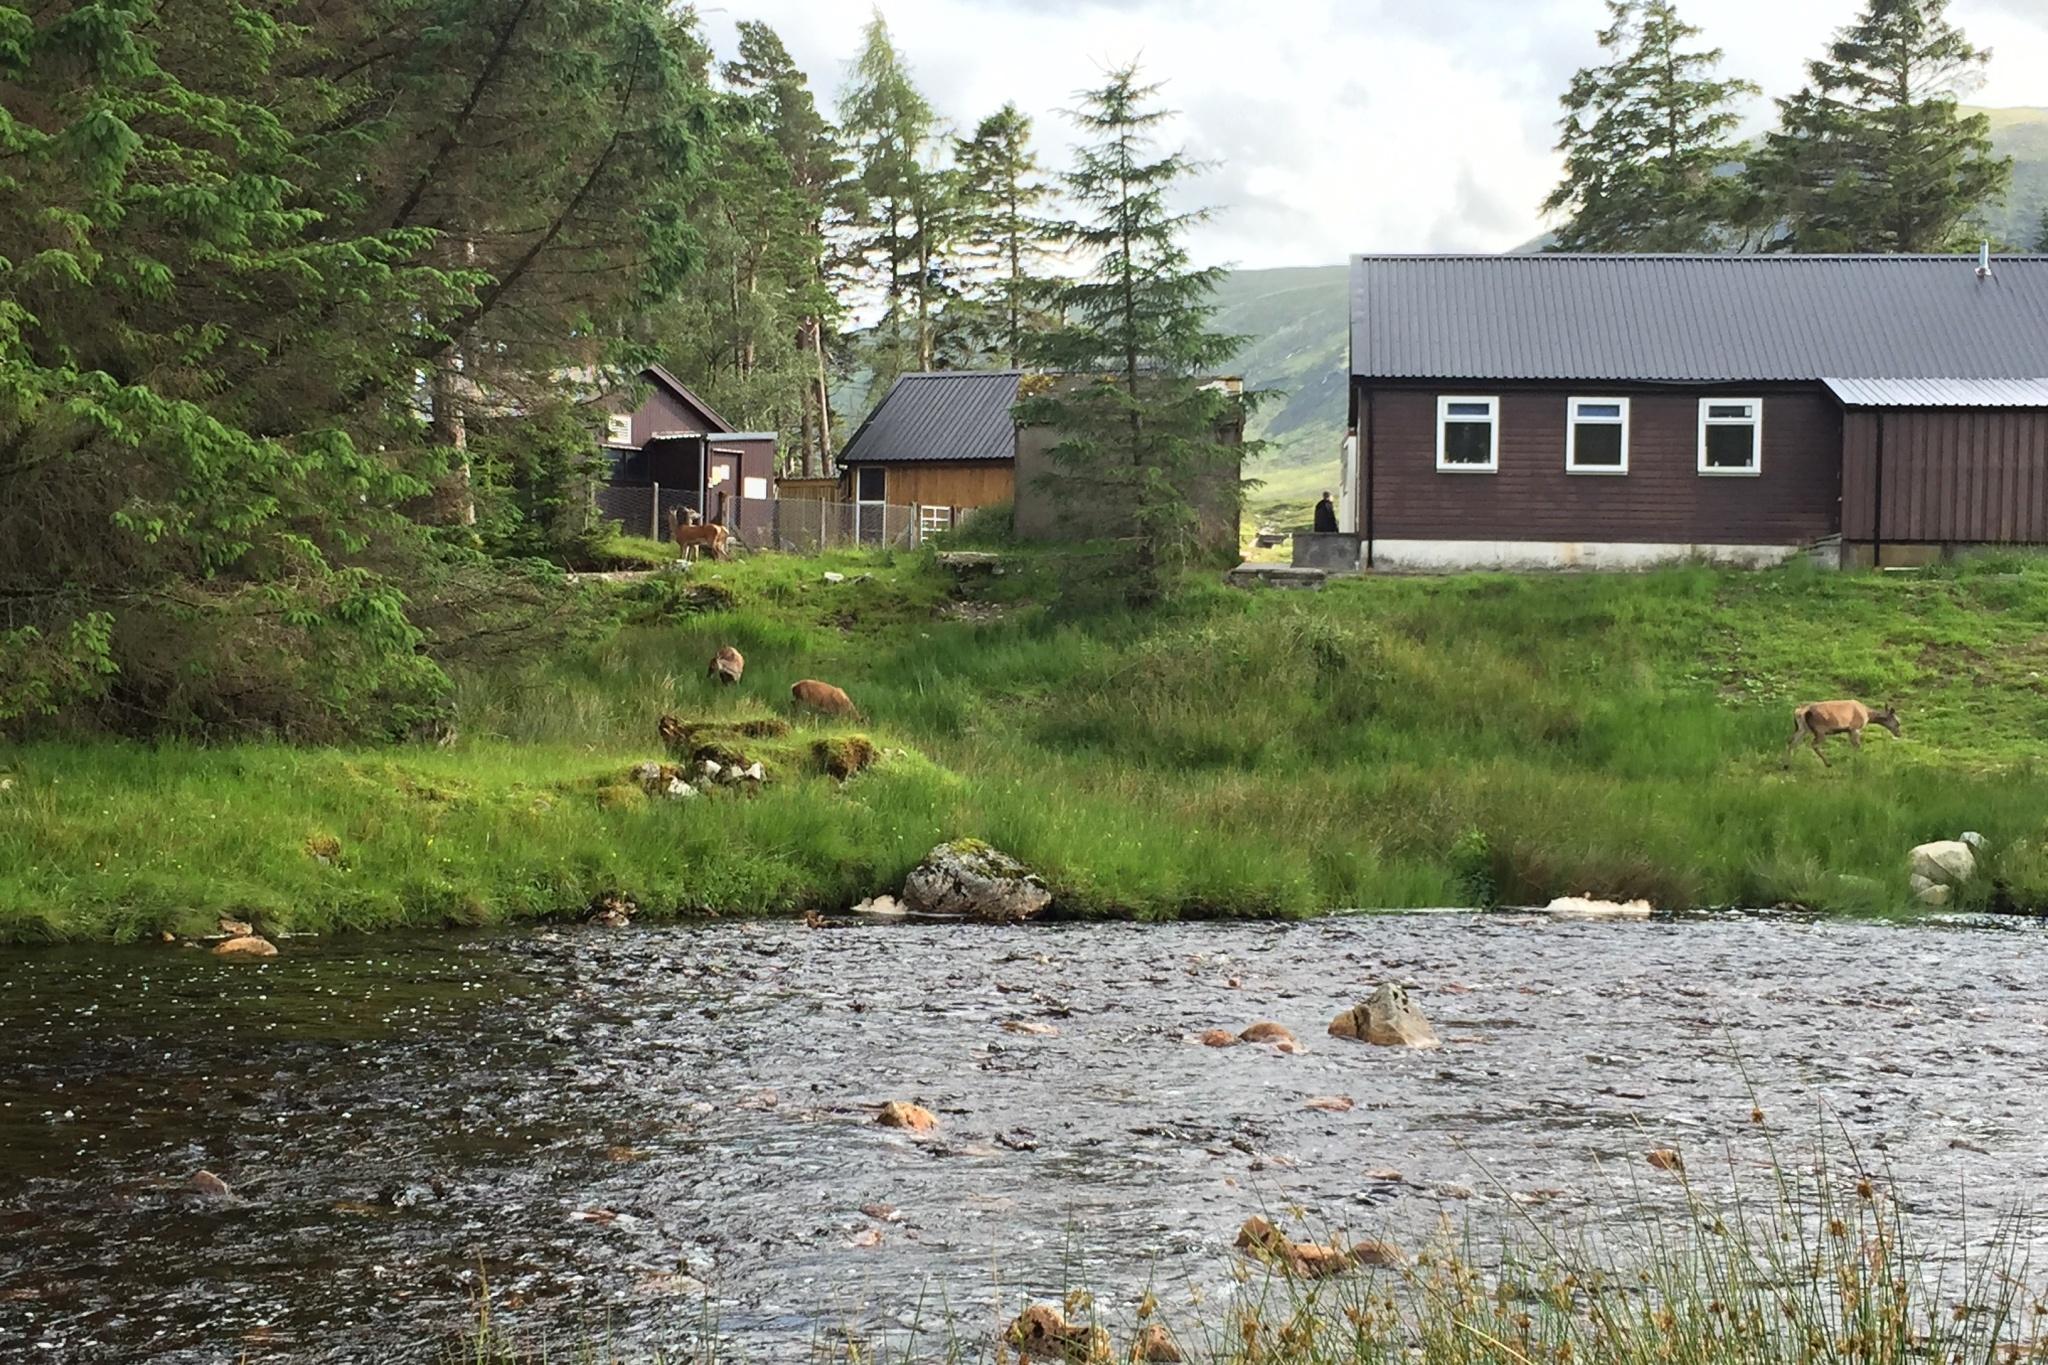 Stádečko laní přímo v táboře